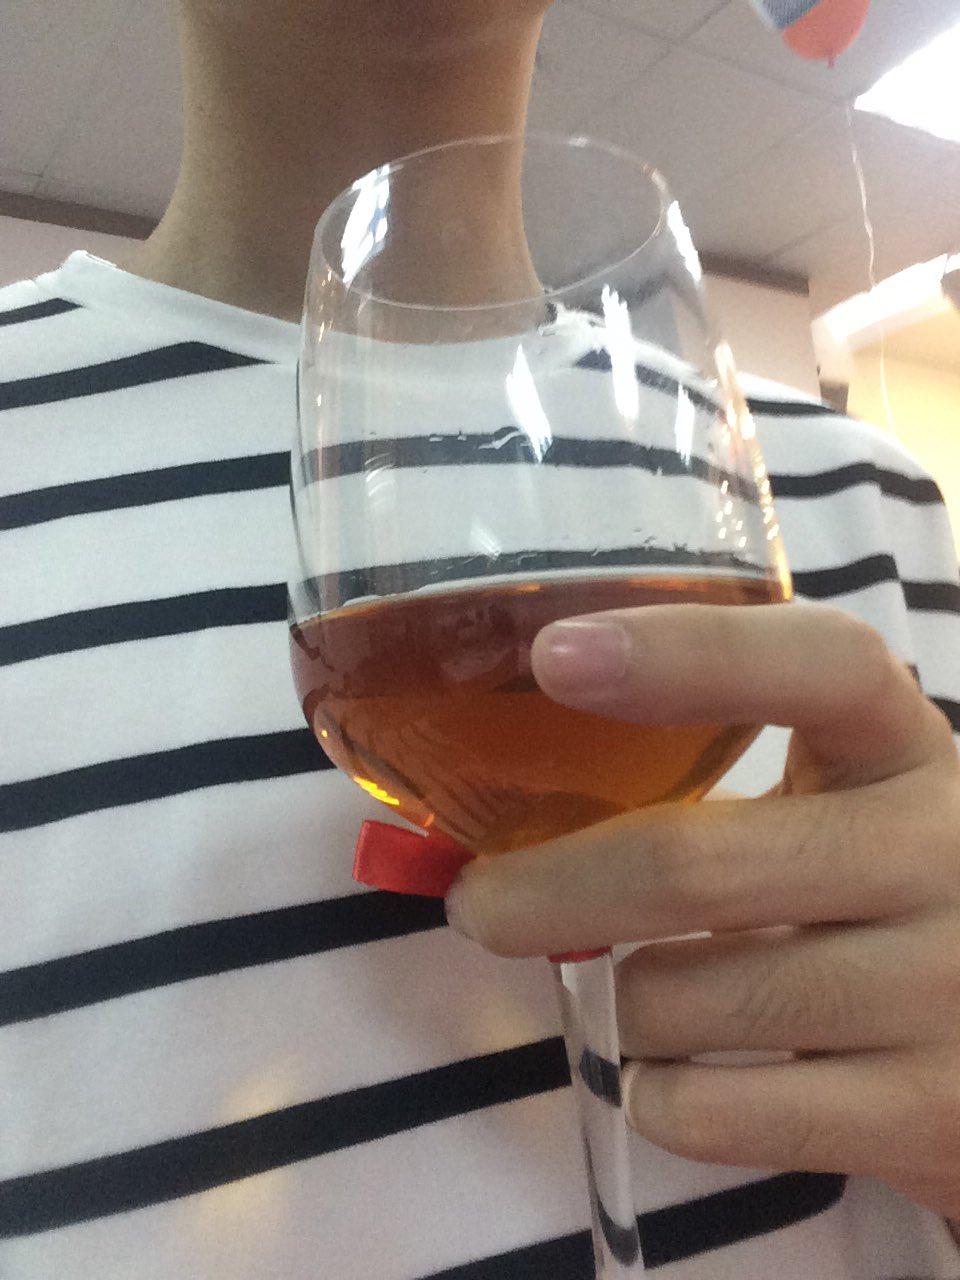 пьет сперму бокалами - 1